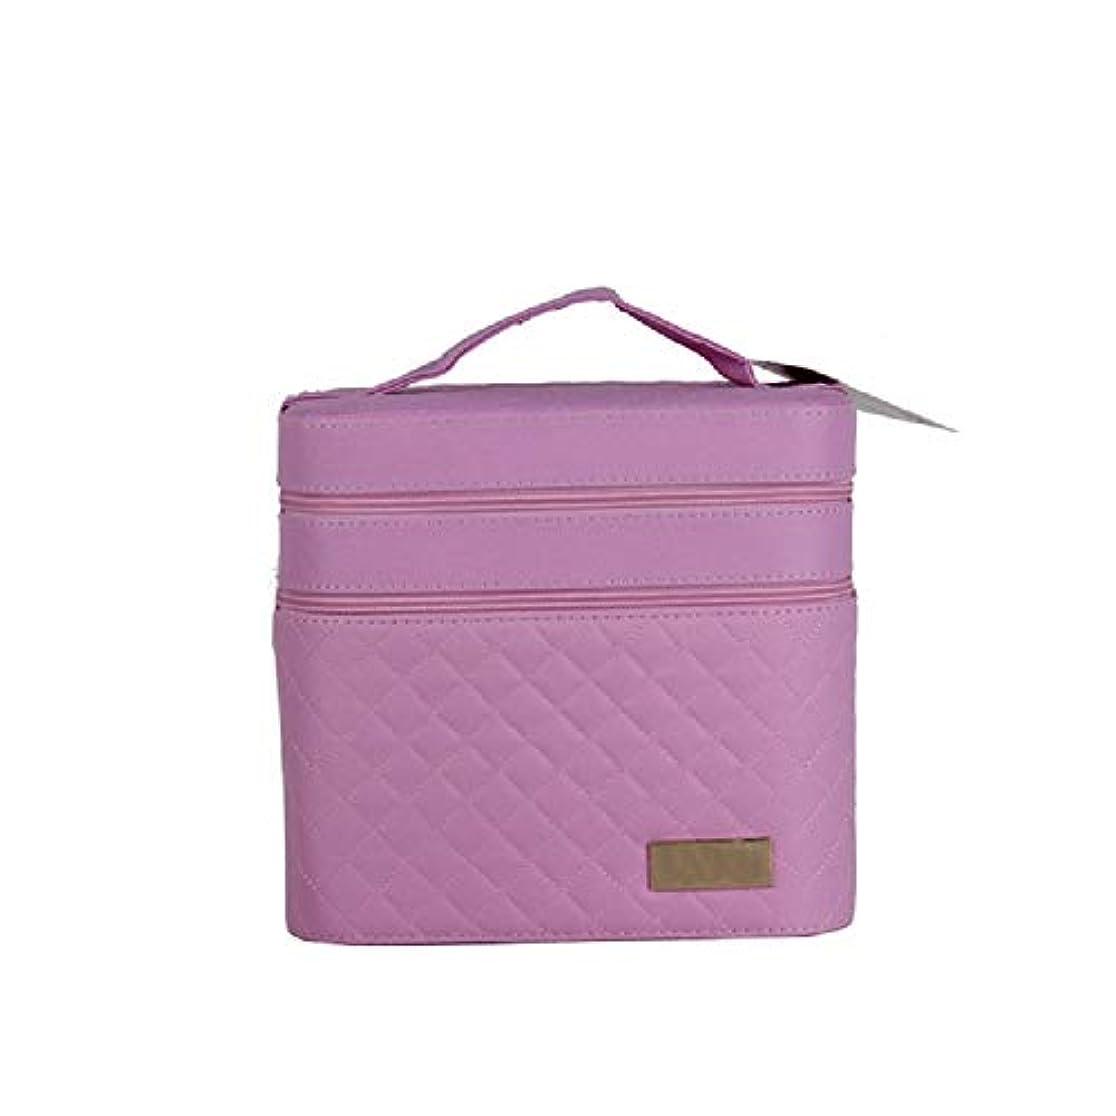 値広範囲に悪因子化粧オーガナイザーバッグ ジッパーと化粧鏡で小さなものの種類の旅行のための美容メイクアップのためのピンクのポータブル化粧品バッグ 化粧品ケース